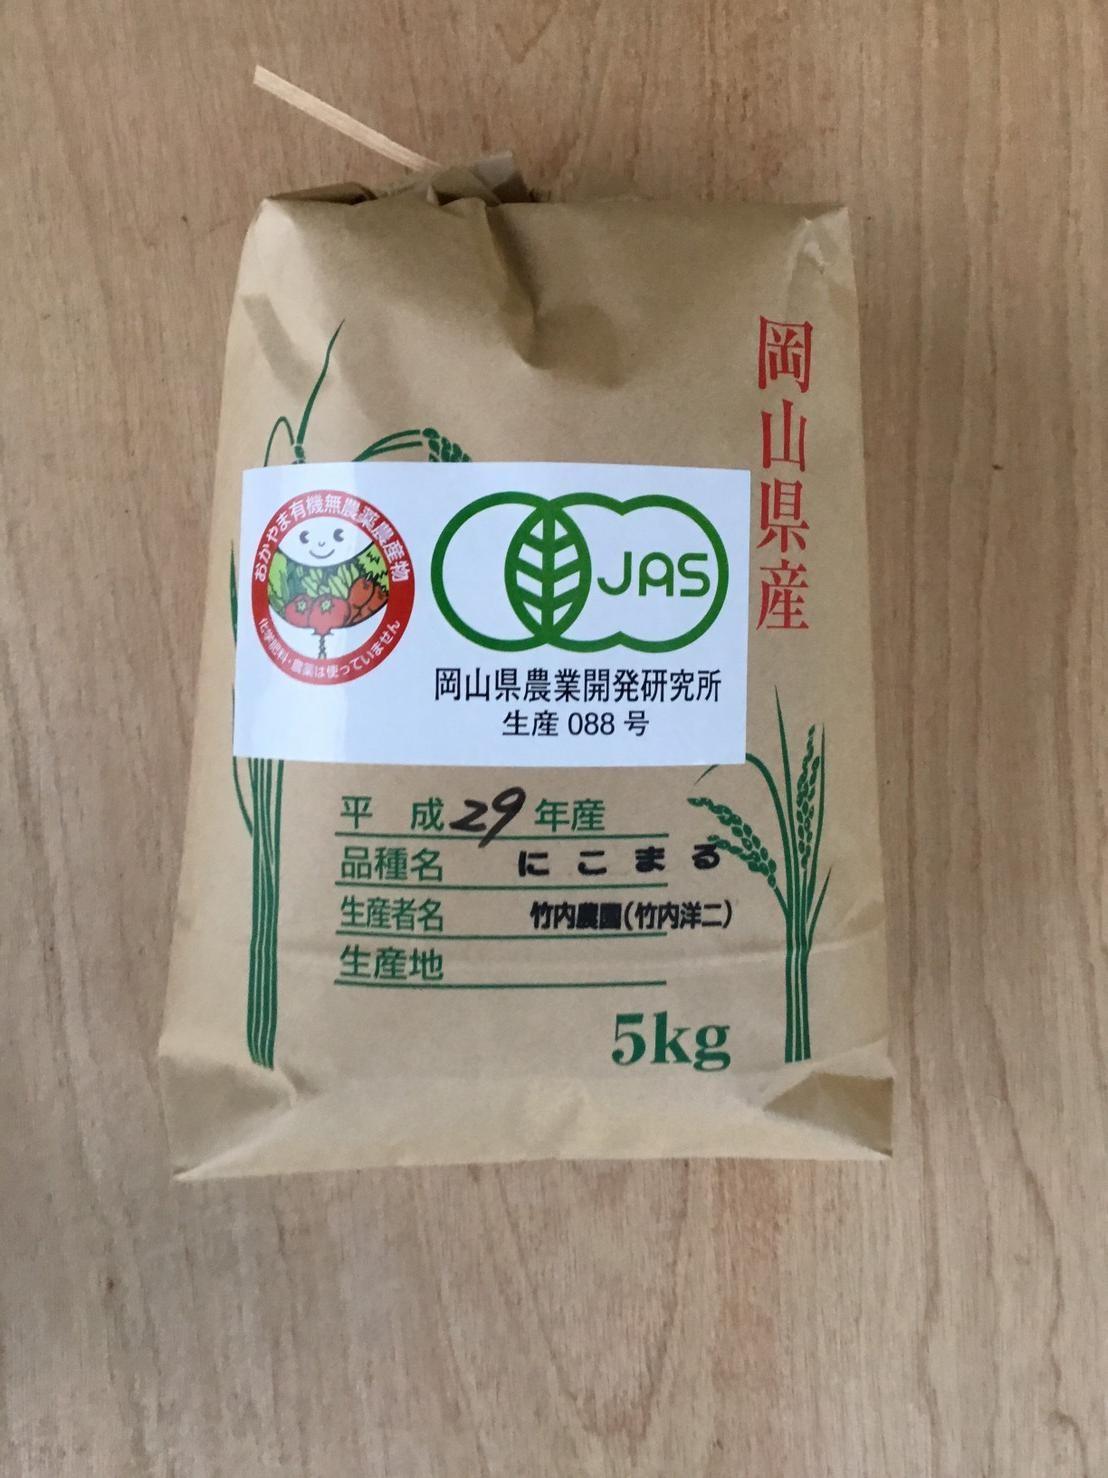 究極の完全無農薬米!岡山県産『にこまる』玄米5kg